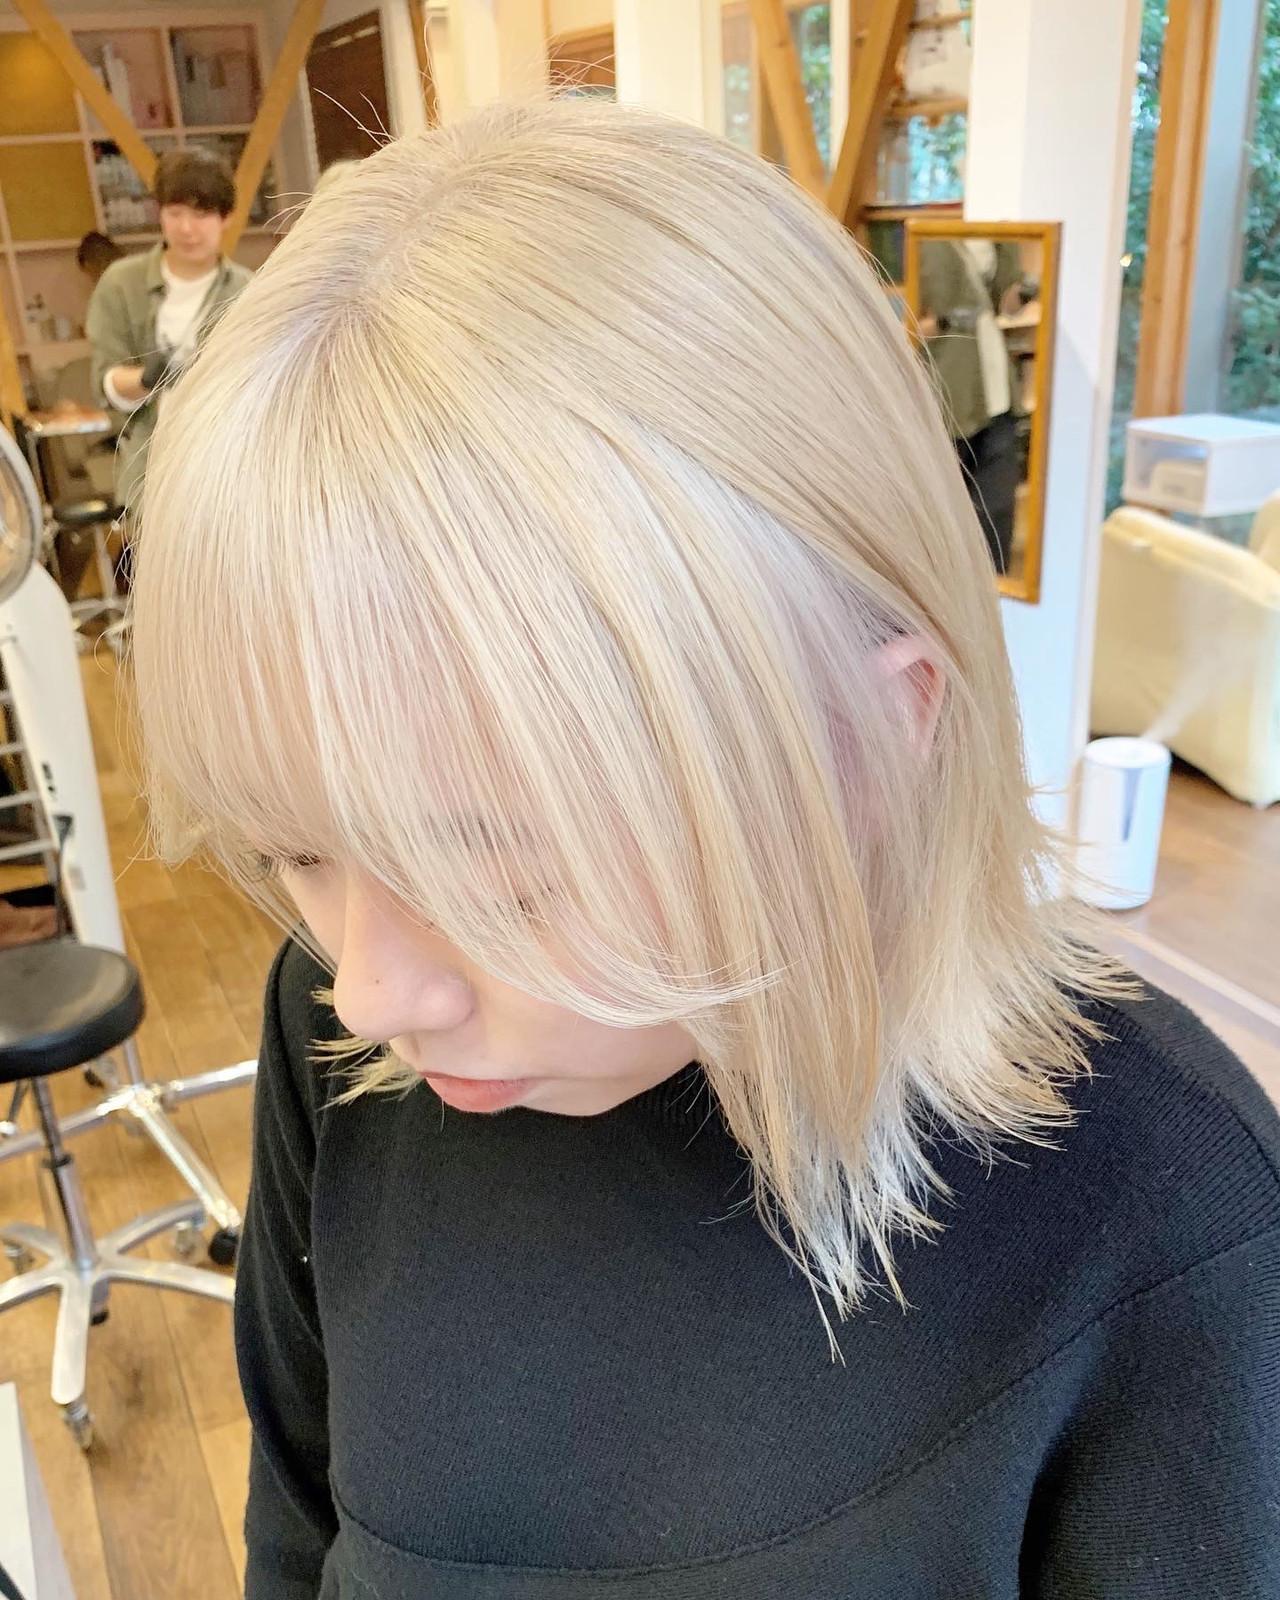 ミディアム ハイトーン ホワイトカラー ストリート ヘアスタイルや髪型の写真・画像